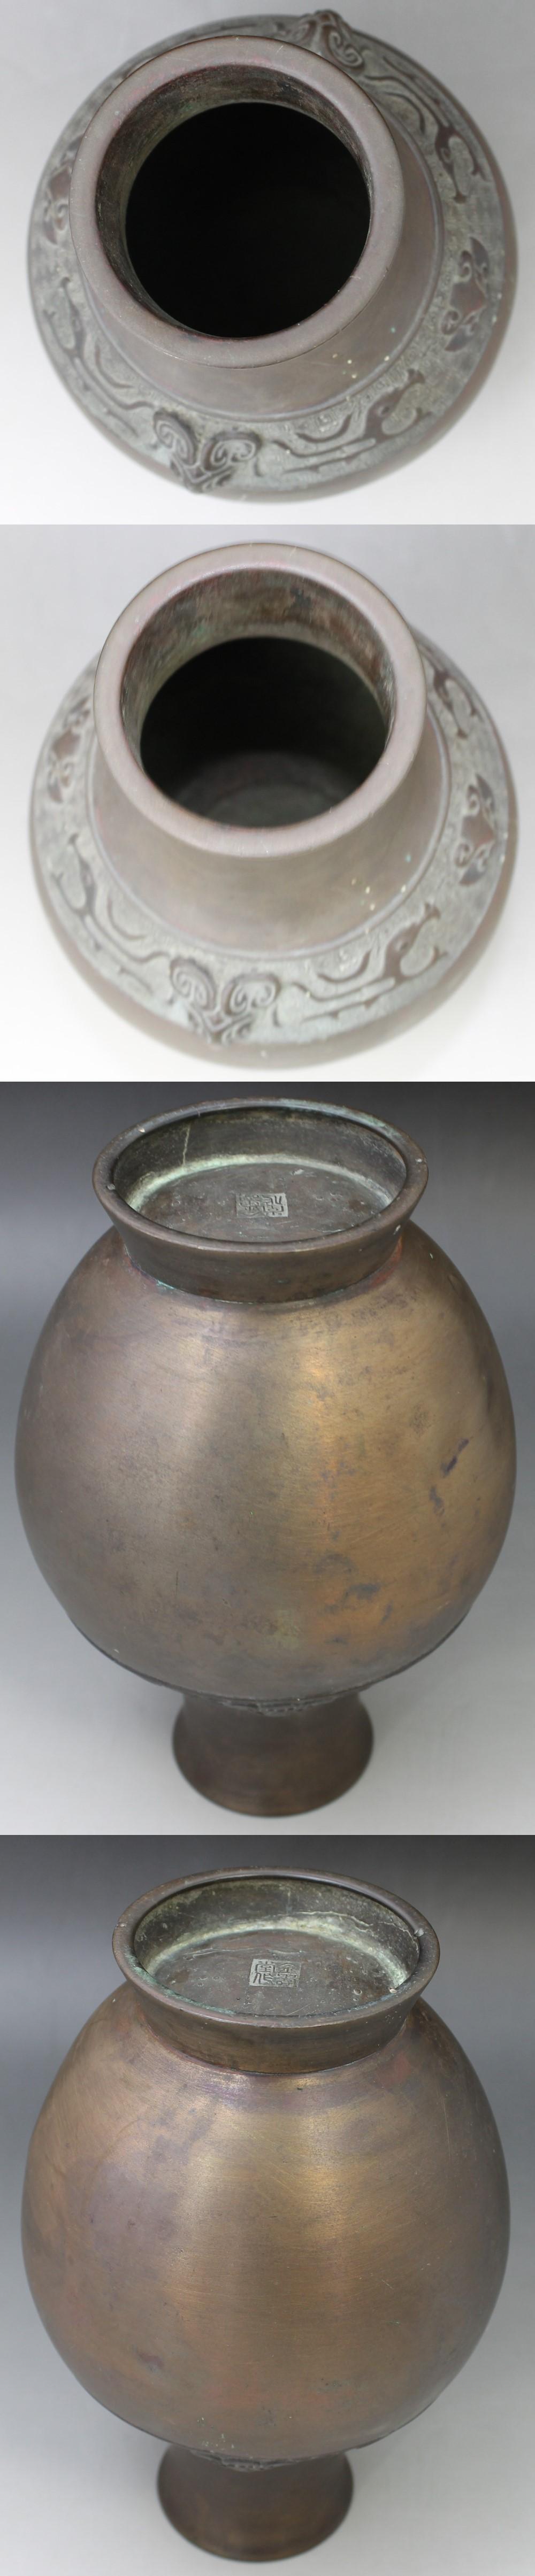 375銅製各火鉢3